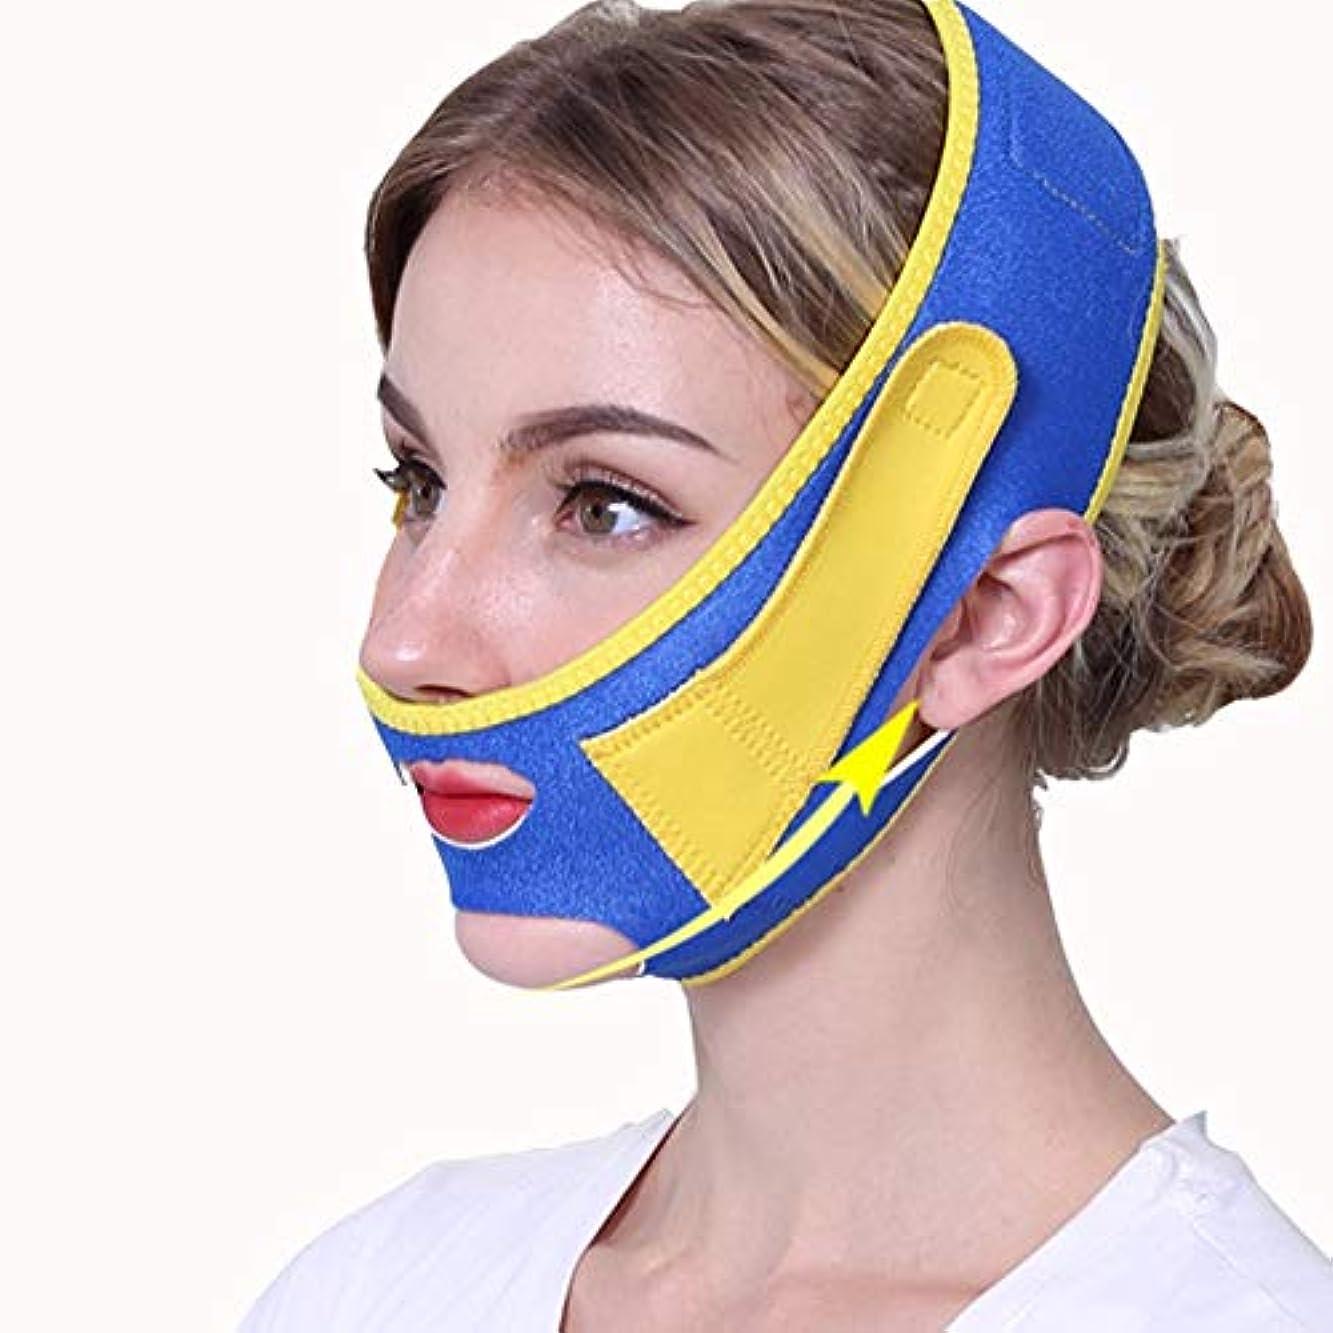 どちらも時代遅れ記述するフェイシャルリフティング痩身ベルトフェイス包帯マスク整形マスクフェイスベルトを引き締める薄型フェイス包帯整形マスクフェイスと首の顔を引き締めスリム